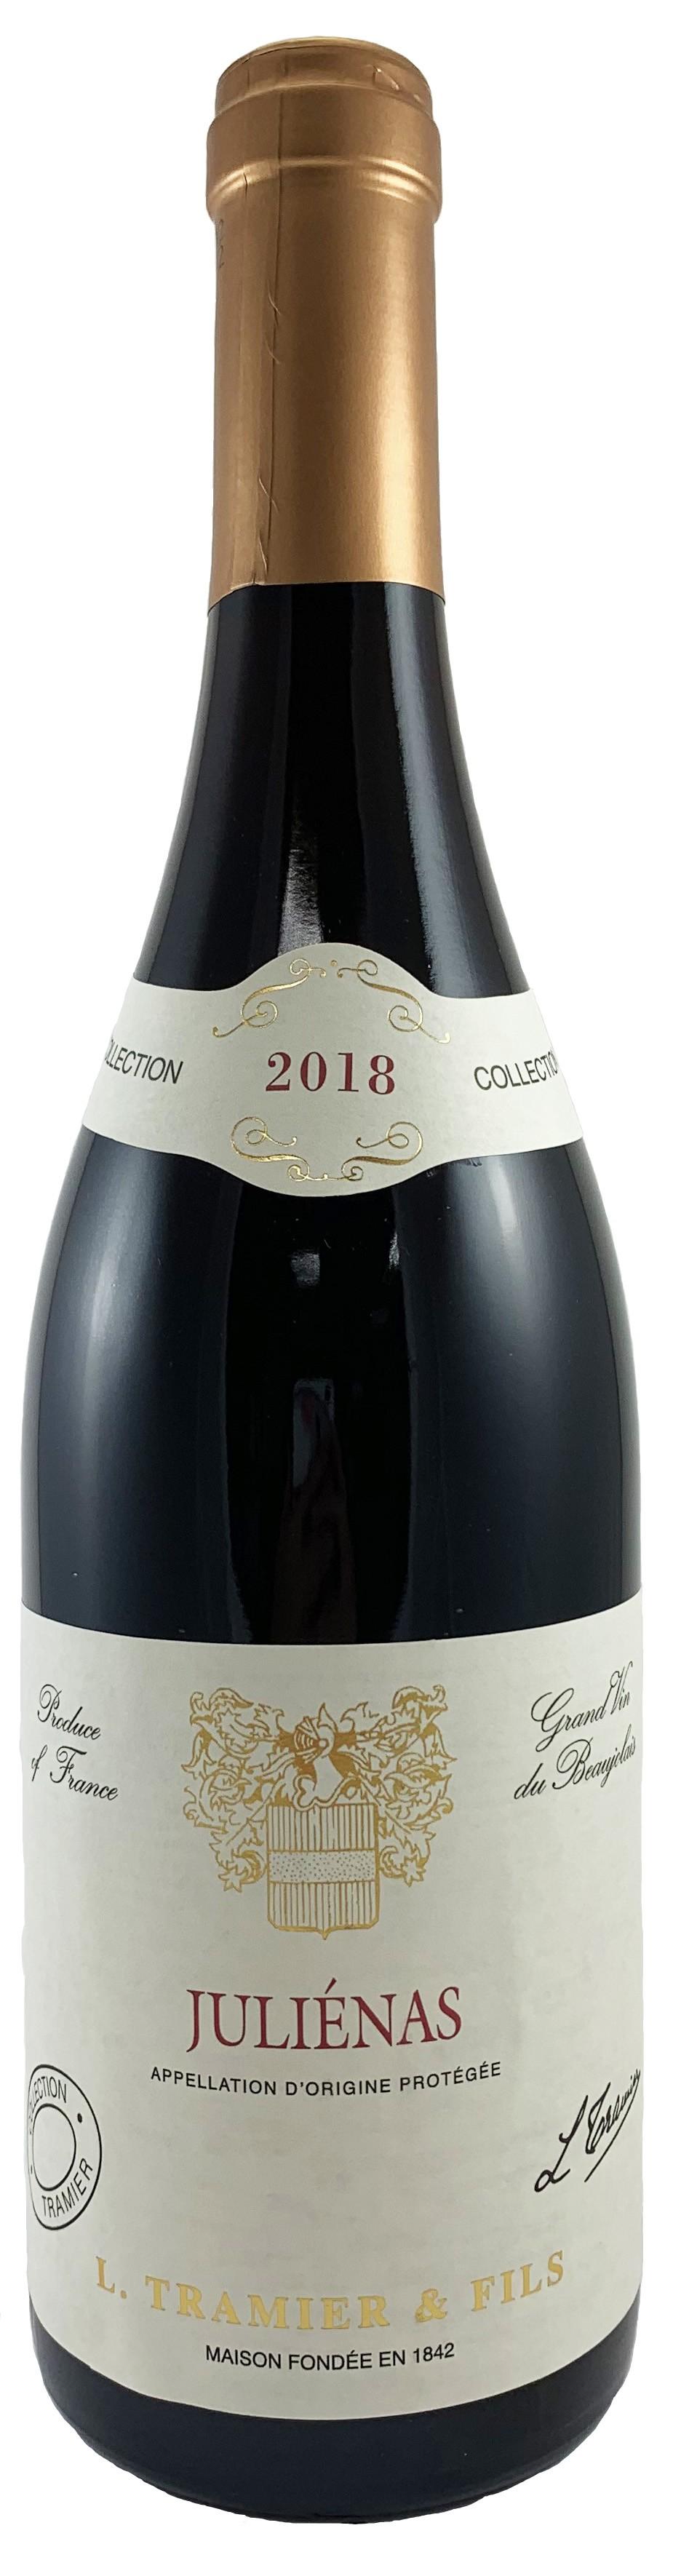 法國 鉈尼酒莊 朱麗安娜產區 特級紅葡萄酒2018